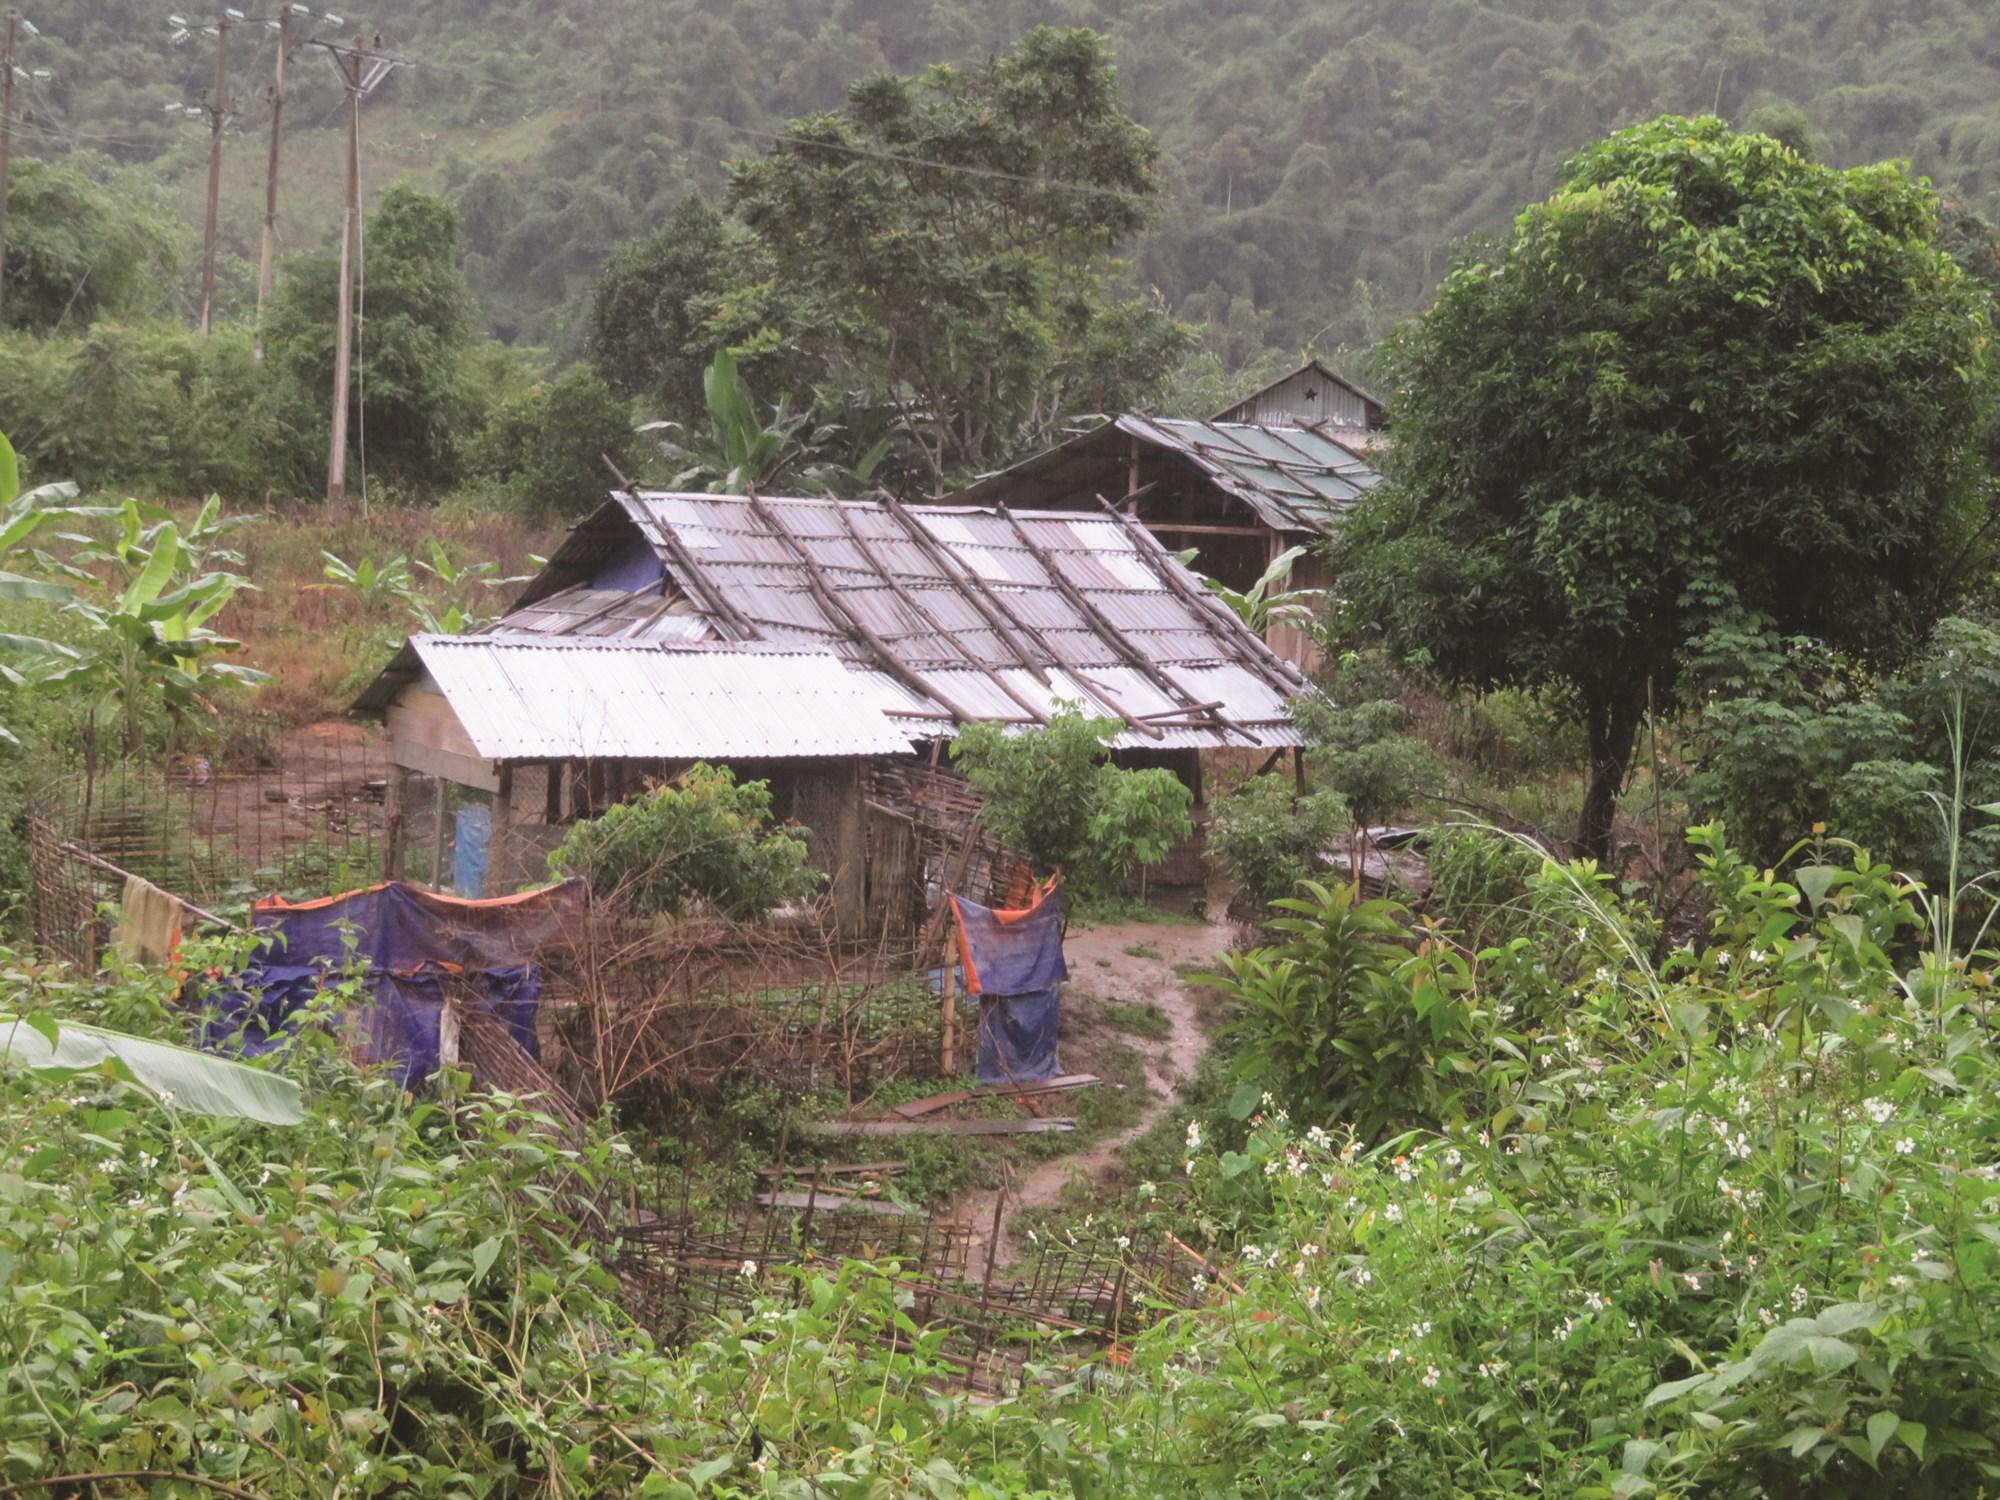 Những ngôi nhà tạm bợ của đồng bào Mảng tại xã Bum Nưa.